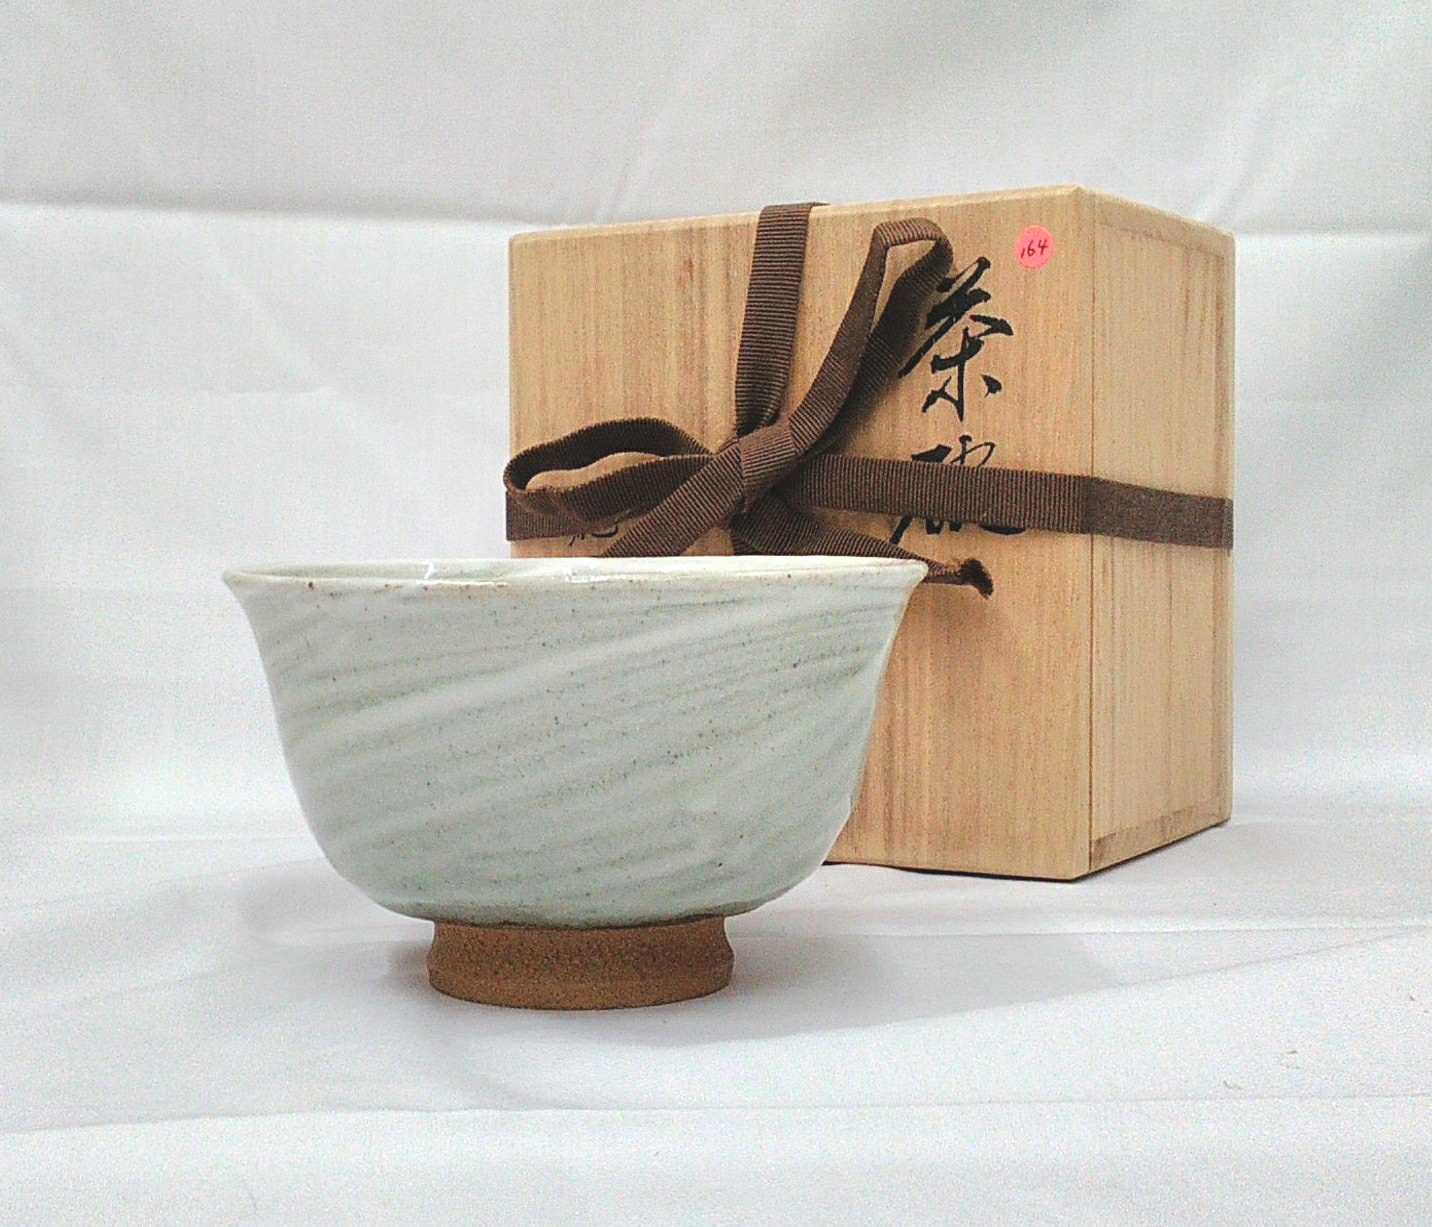 茶碗|肥沼美智雄